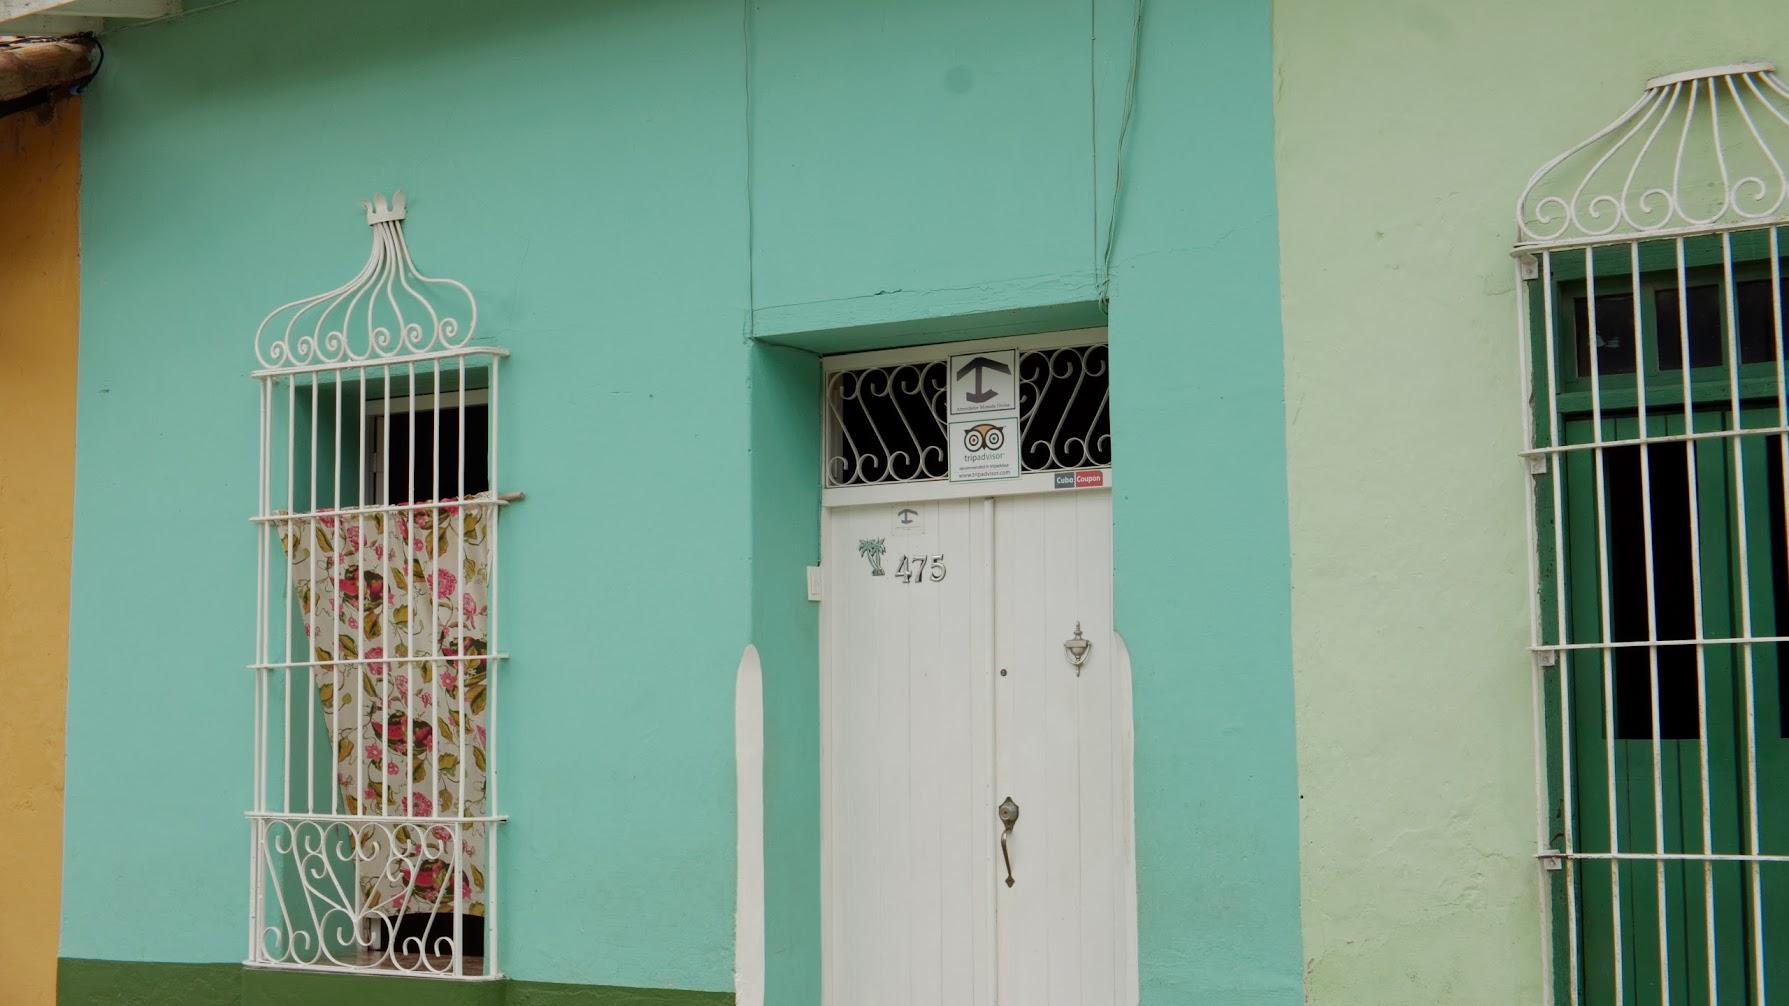 현관에 붙어있는 까사 표시. 기둥에 지붕만 얹어둔 것 같은 심볼이다